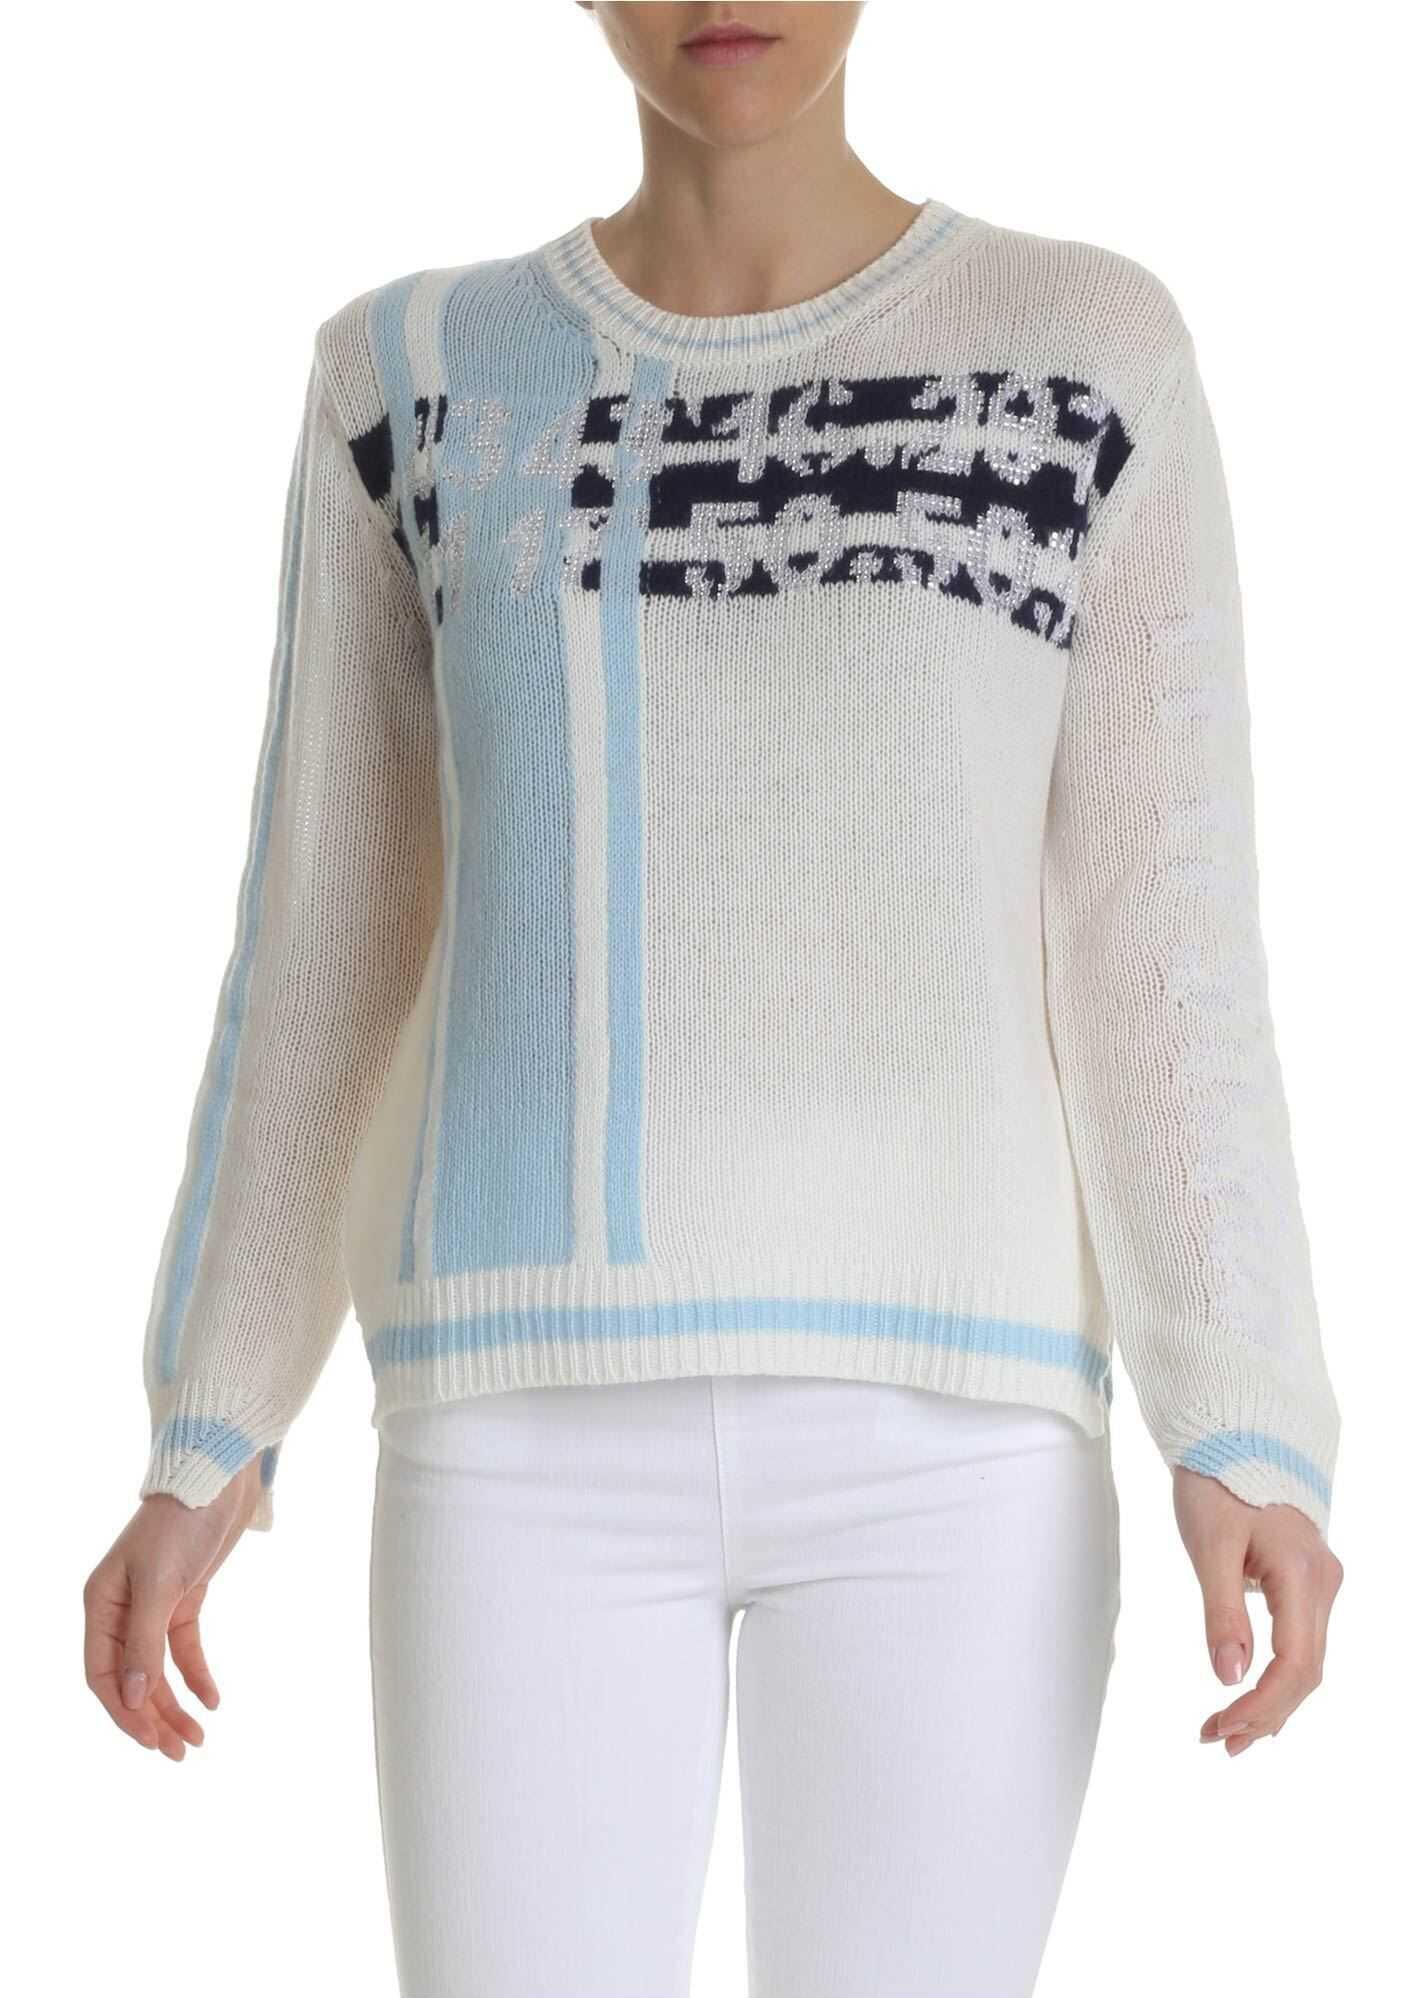 Ermanno Scervino Cream Colored Cashmere Pullover White